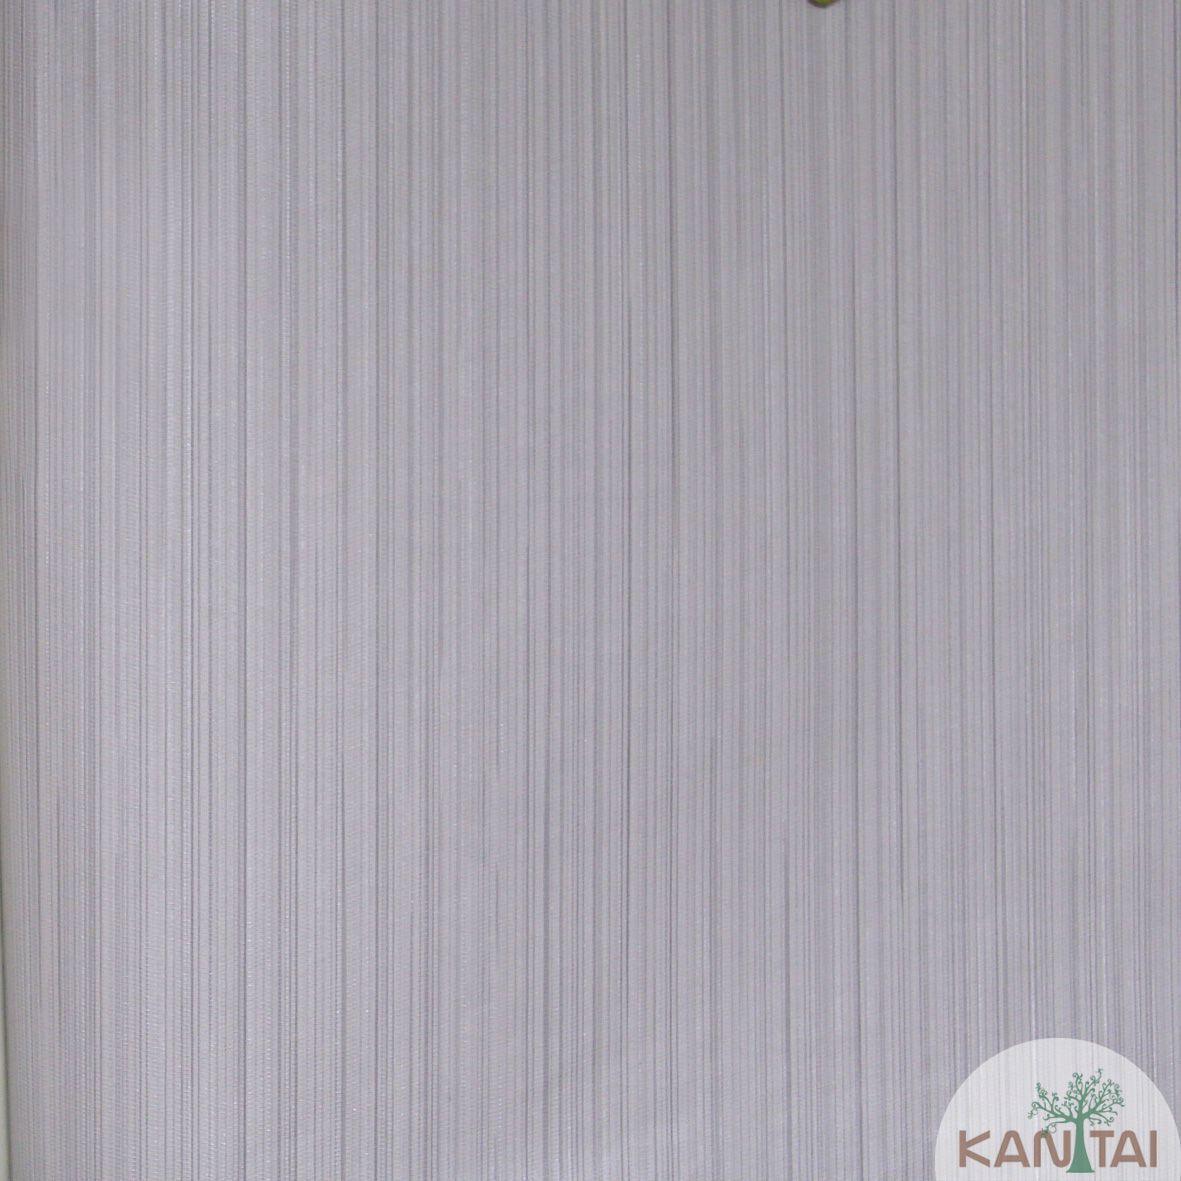 Papel de Parede Importado  Kan Tai Vinílico Coleção Grace Textura Listras Finas Tons Cinza